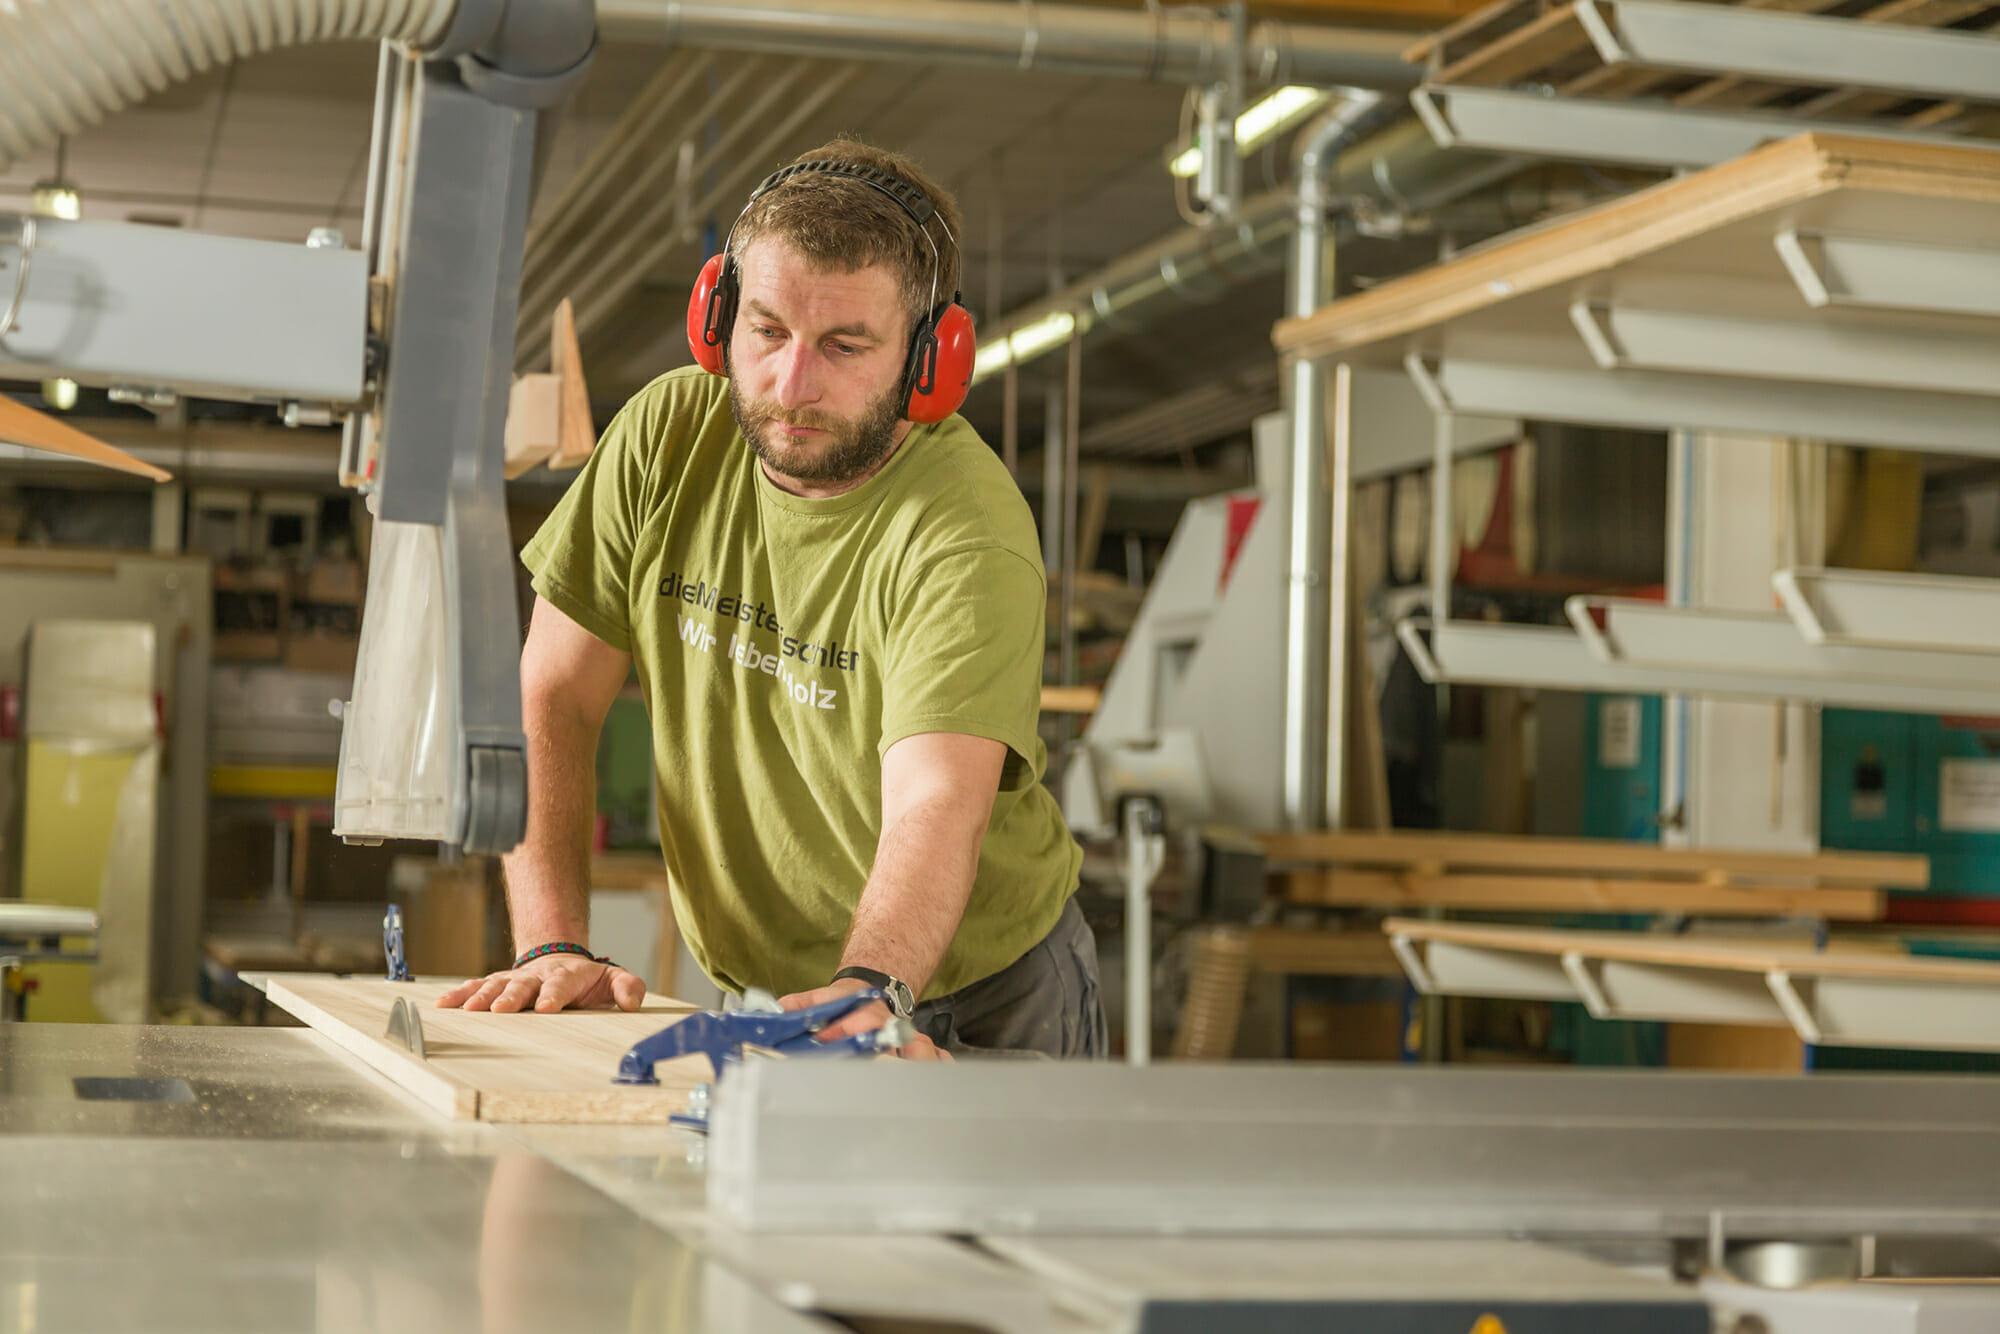 ein Mitarbeiter sägt an einer Formatkreissäge ein Bauteil auf Maß